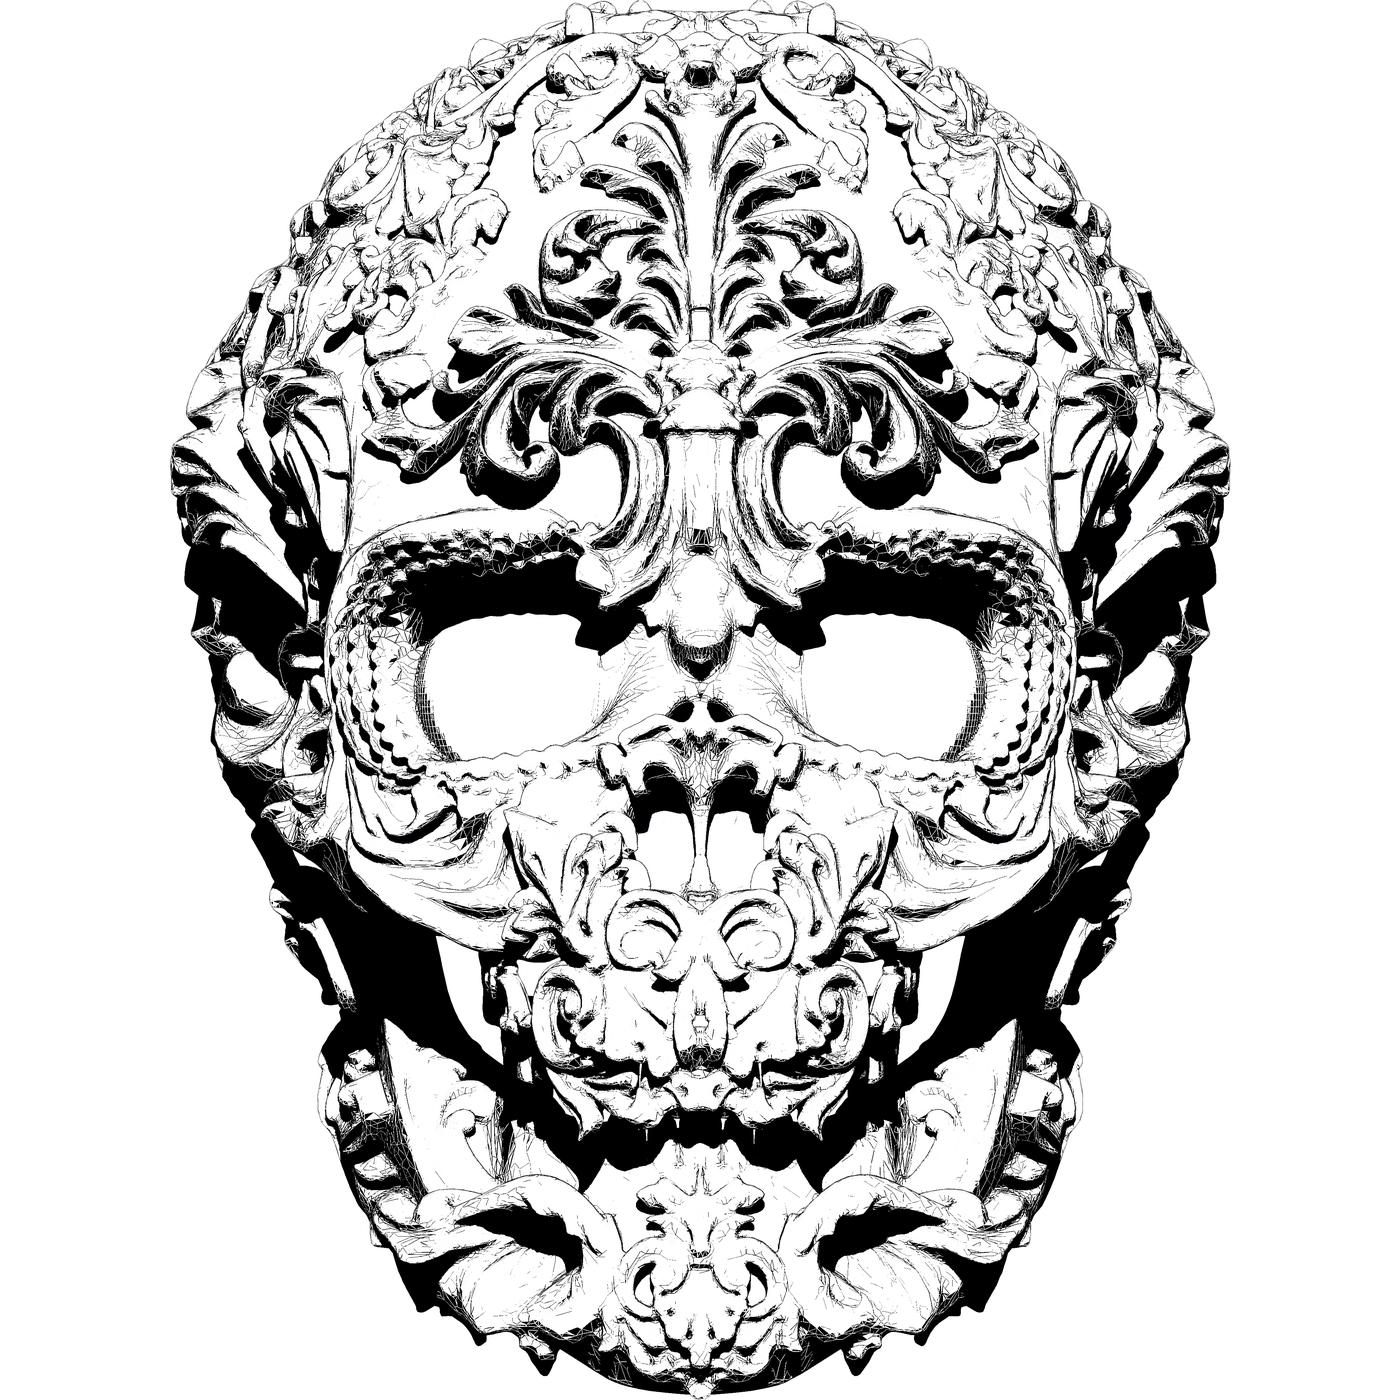 Skull art model. High detailed 3d model. Black&White illustration